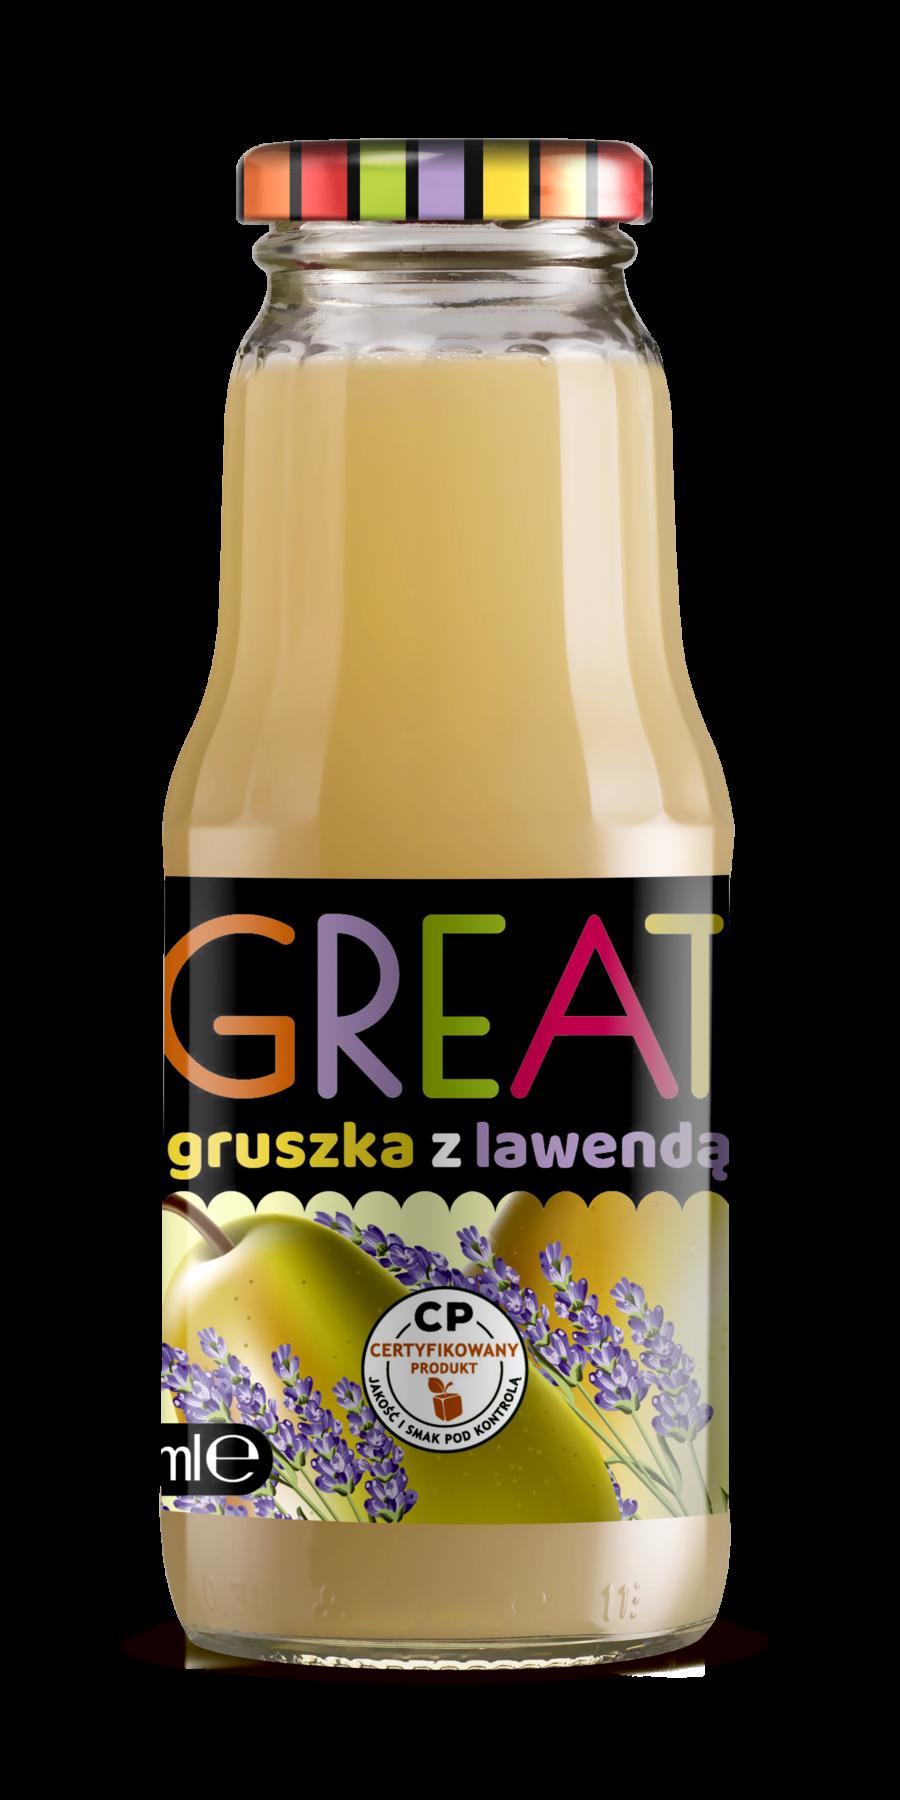 ziołowe gruszka lawenda